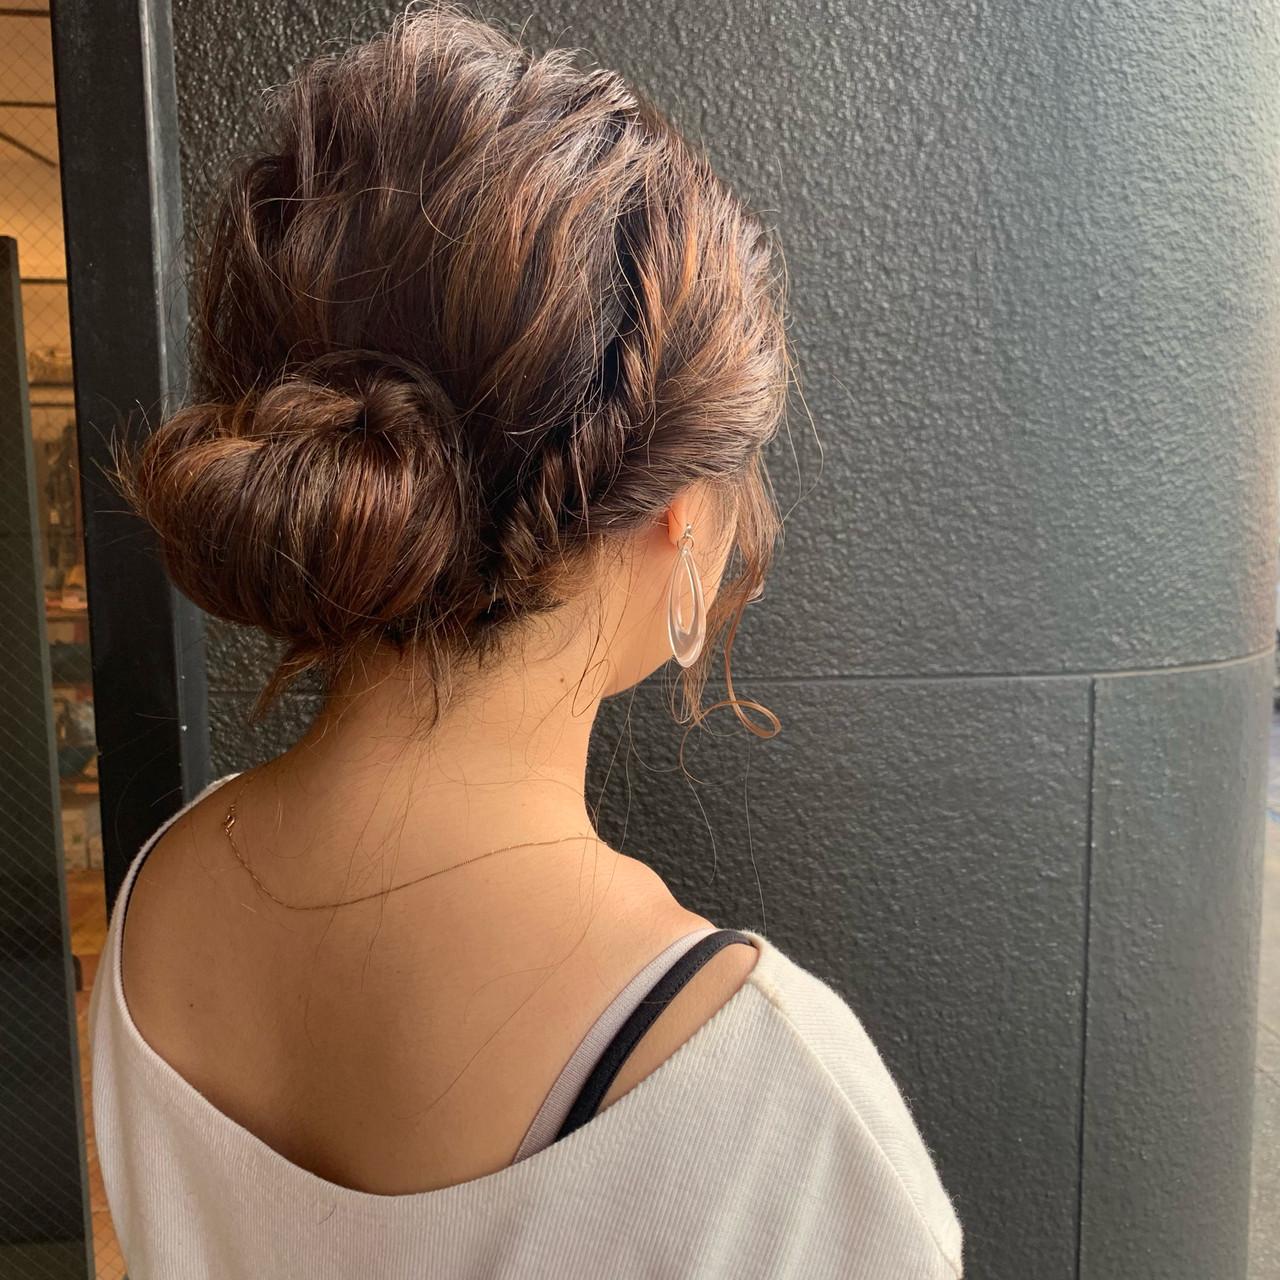 ヘアアレンジ 結婚式 デート 簡単ヘアアレンジ ヘアスタイルや髪型の写真・画像 | 松田 和幸 / tuuli